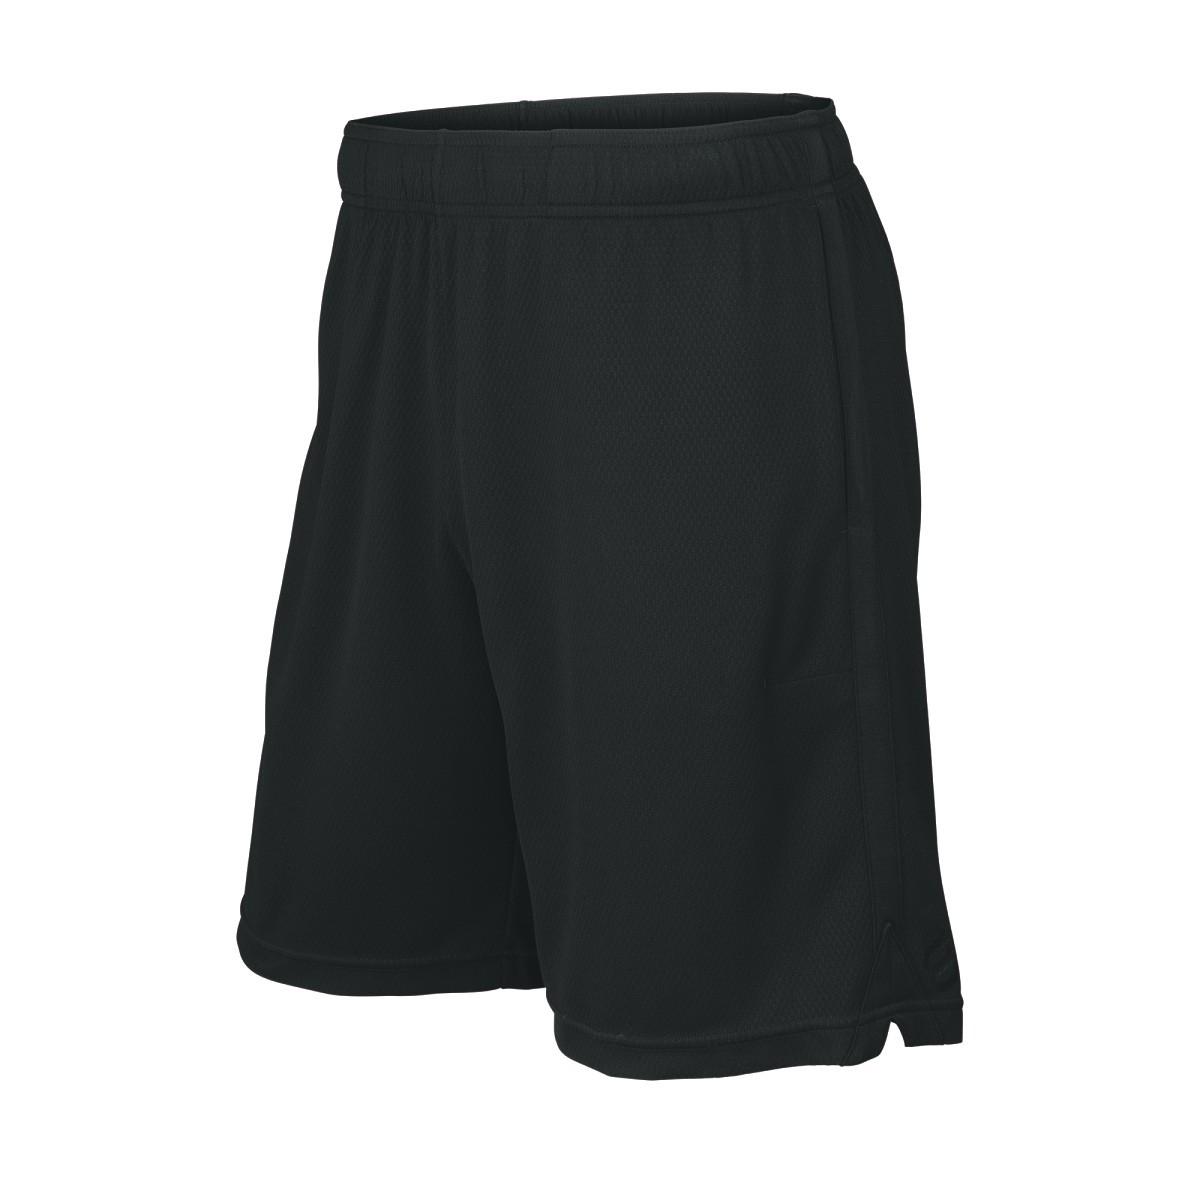 WRA746803Классические шорты для тенниса, разработанные теннисистами для тенниситов. Сочетают в себе весь спектор всех самых новейших разработок Wilson: 1) теннисный карман Wilson; 2) nanoWik - технология влаговыведения; 3) nanoUV - технология защиты от УФ-излучения